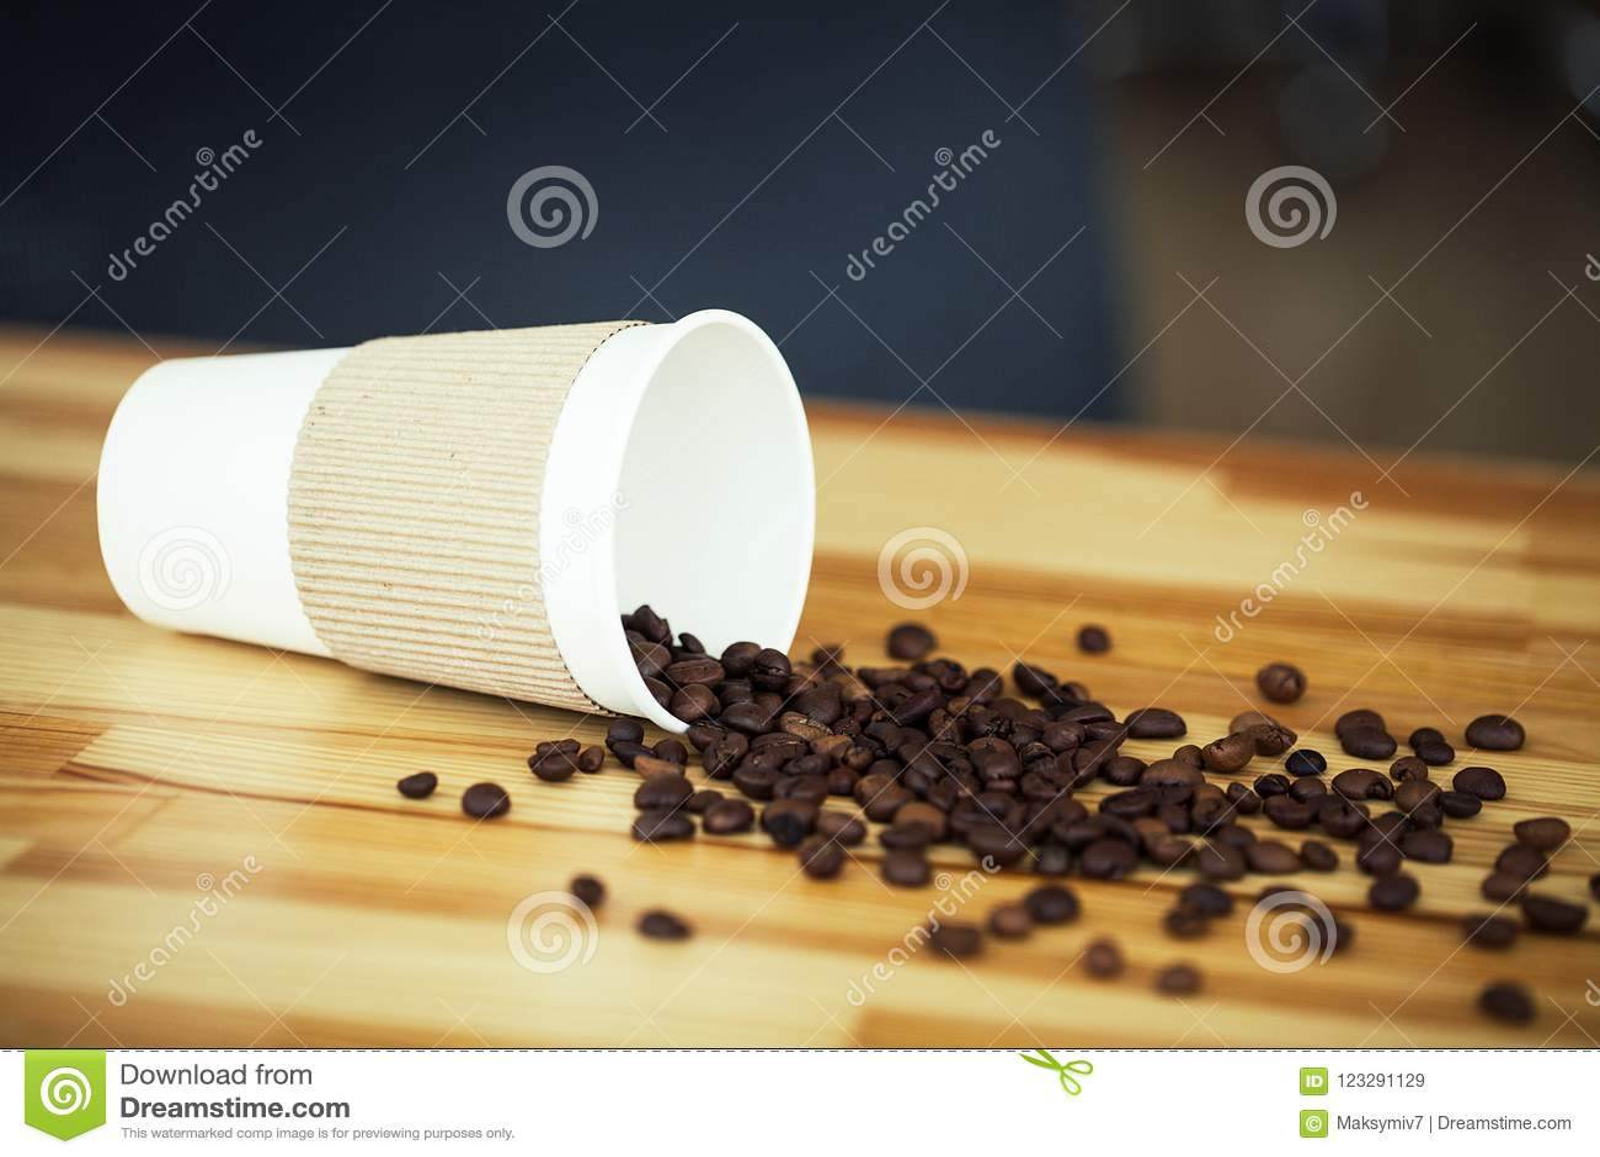 Guten Morgen Kaffee zum zu gehen Kaffeebohnen auf Holztisch Backoun